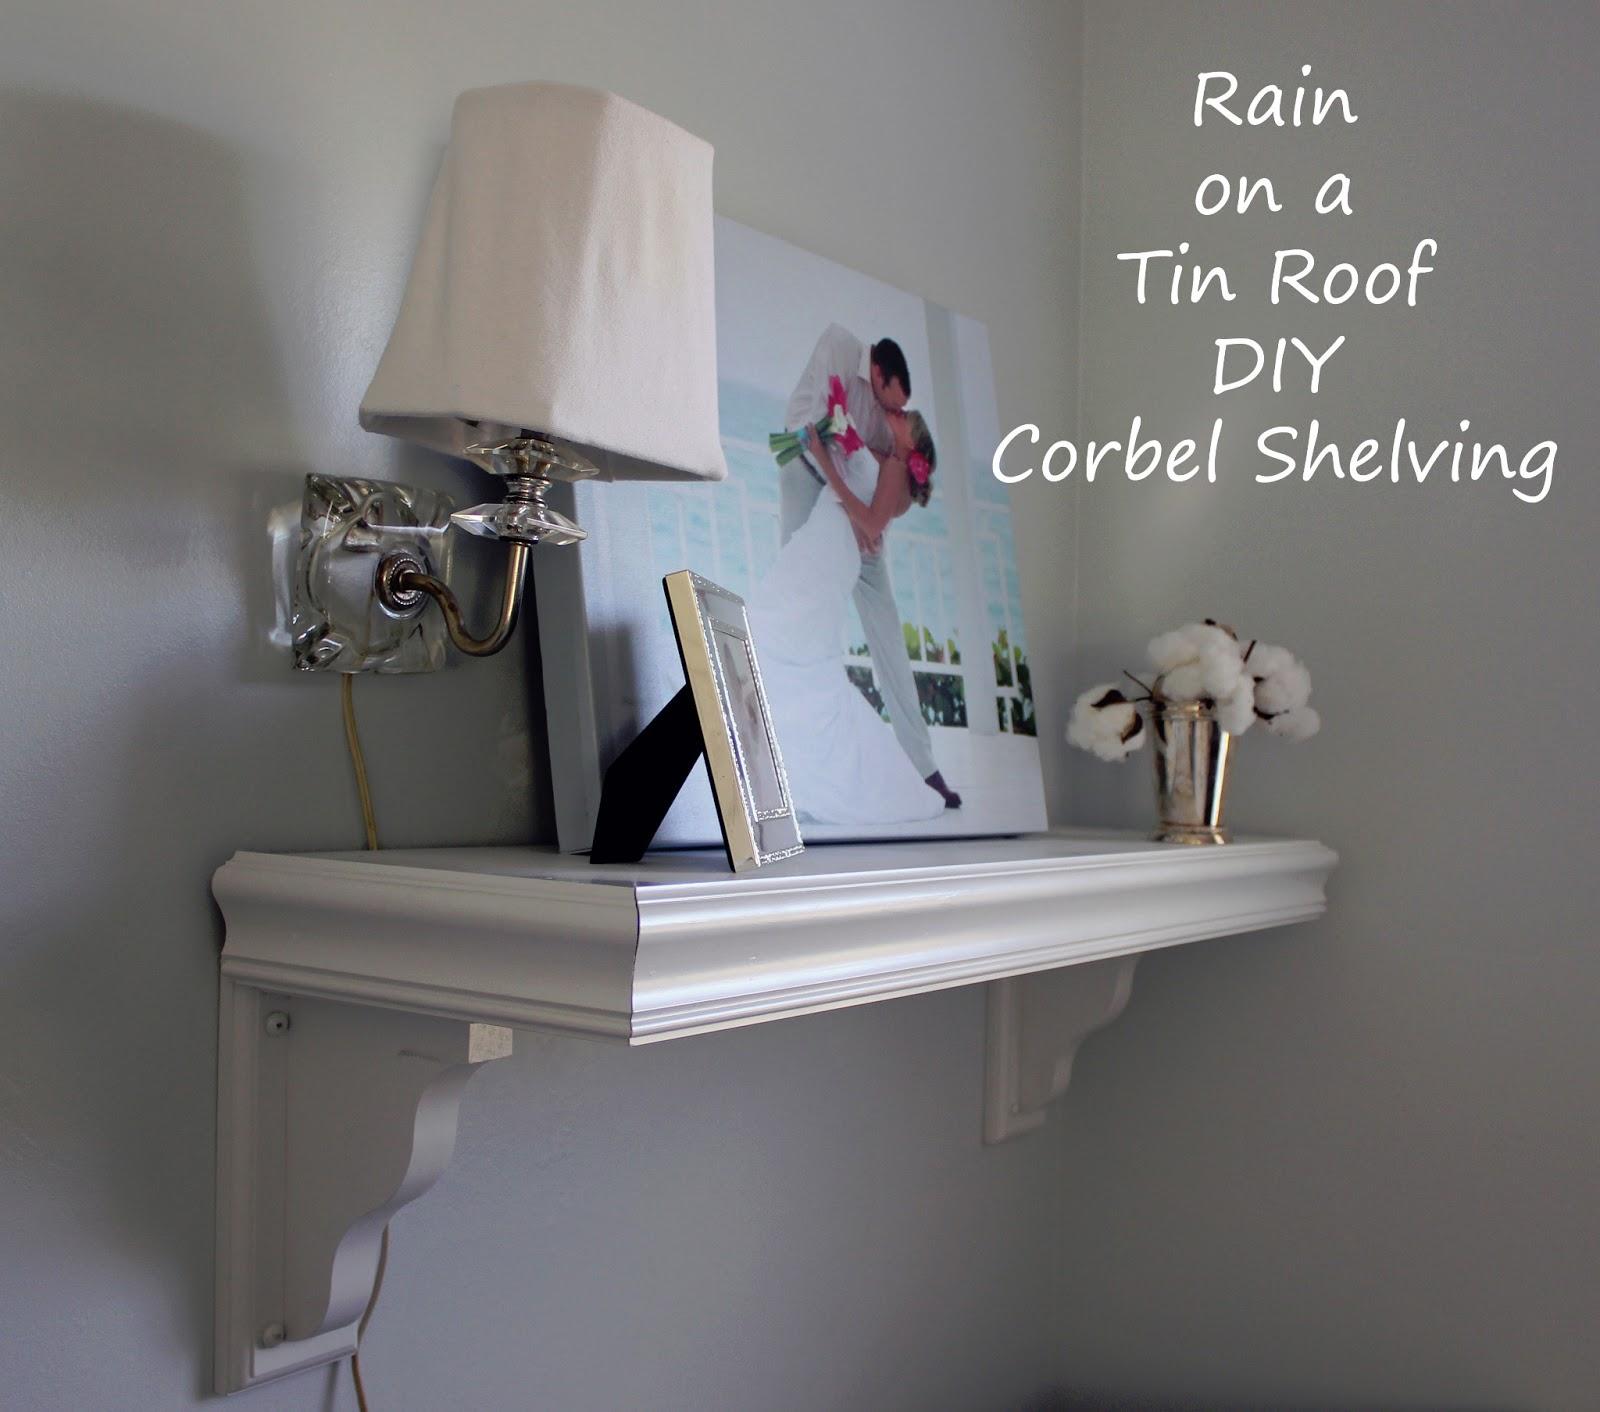 Diy Floating Shelves For Bathroom: DIY Corbel Shelving